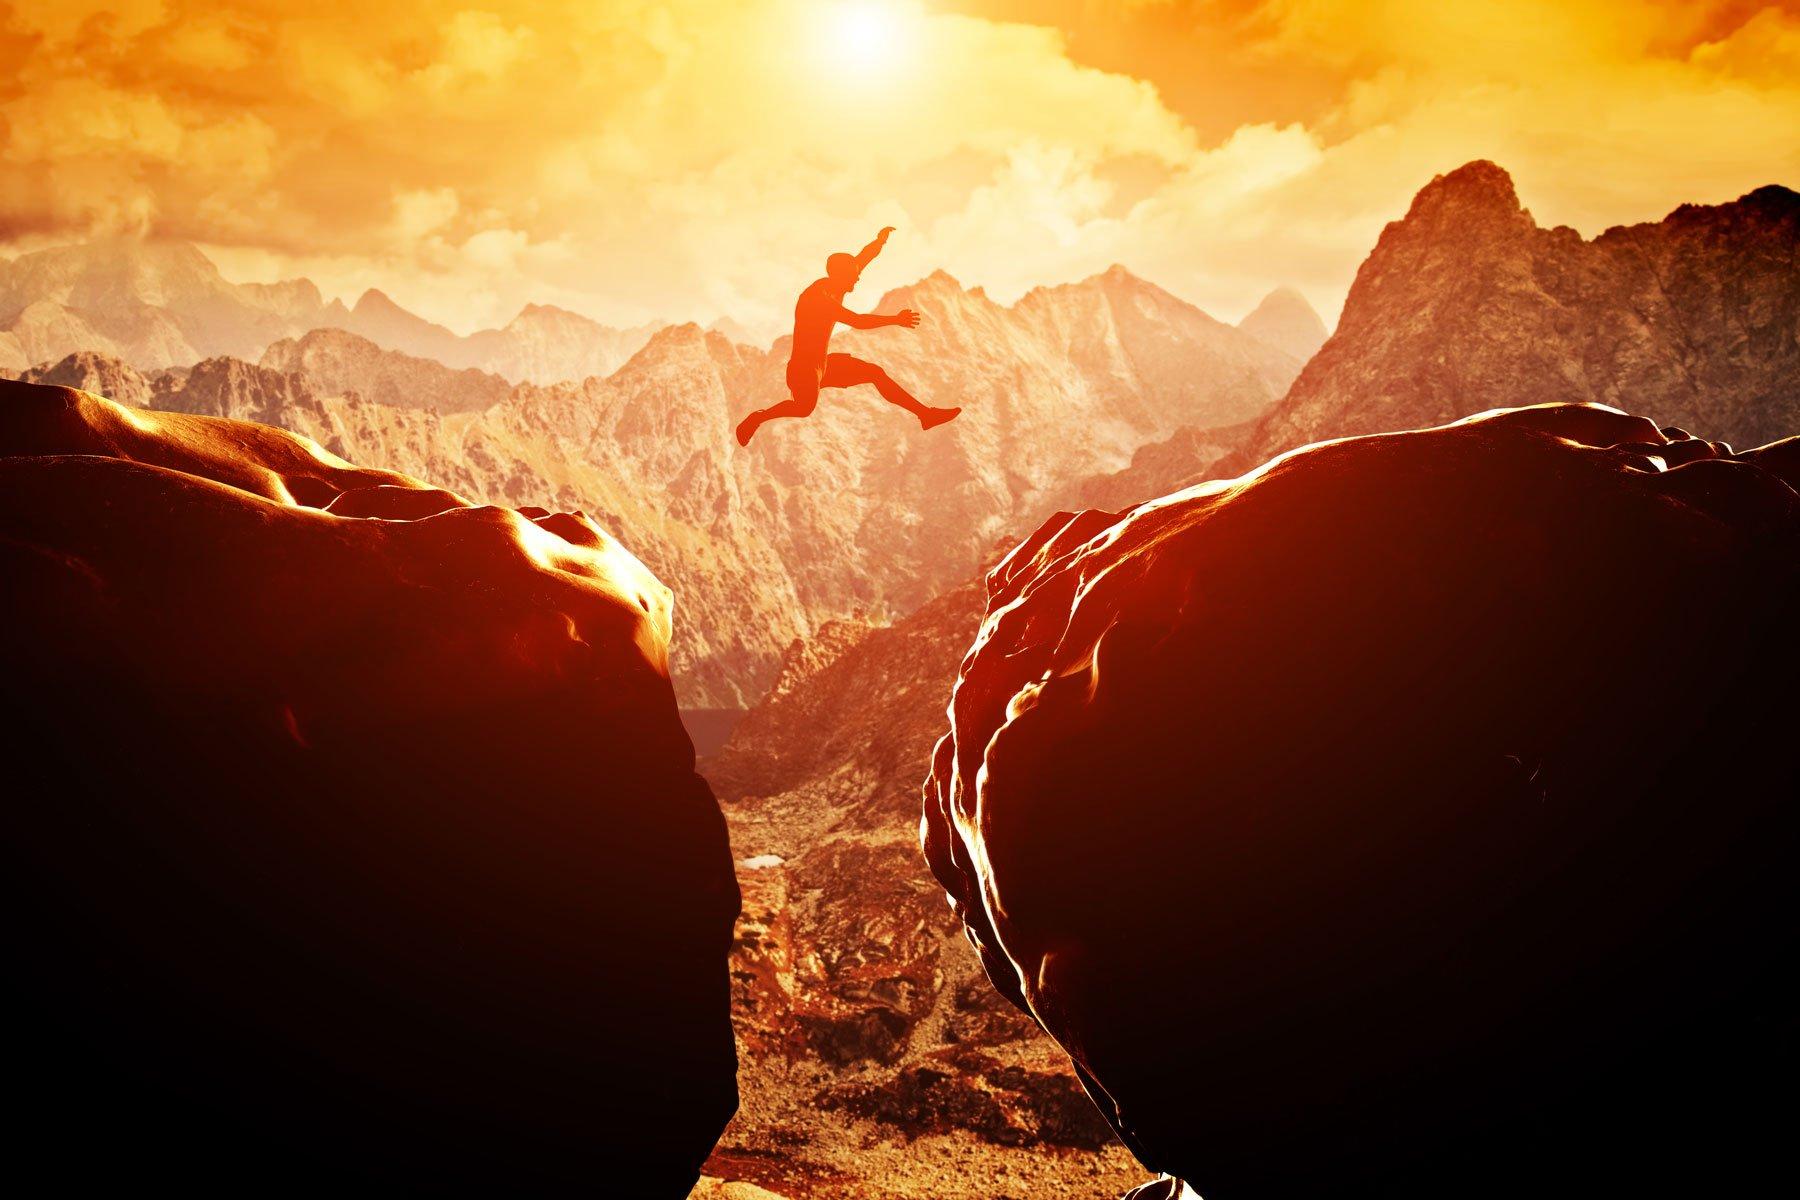 Uomo che salta sul precipizio tra due montagne rocciose al tramonto.